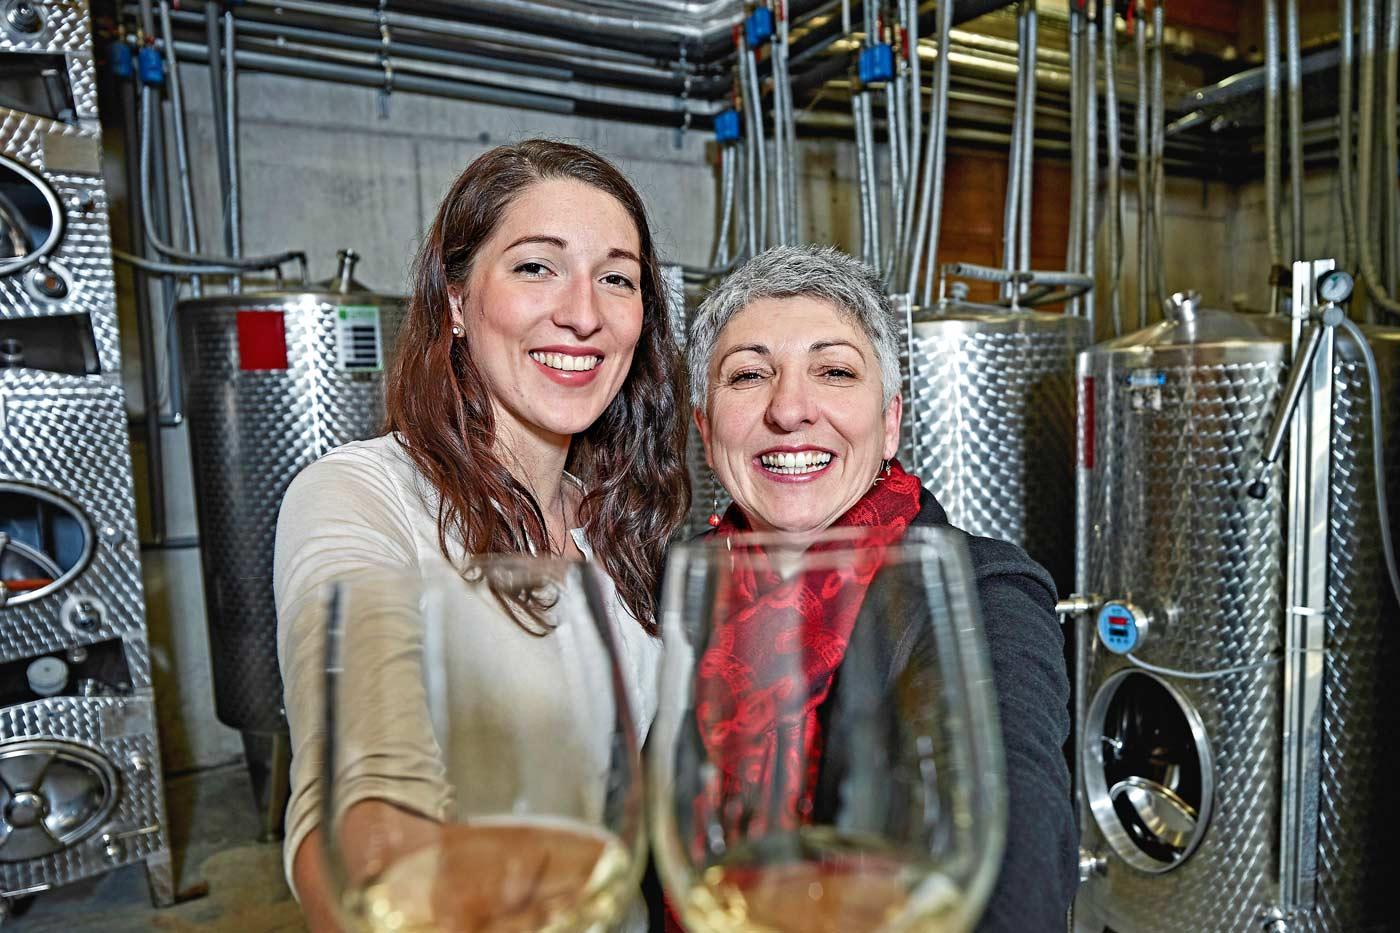 Anna Faber und Maria Faber-Köchl mit zwei Weingläsern